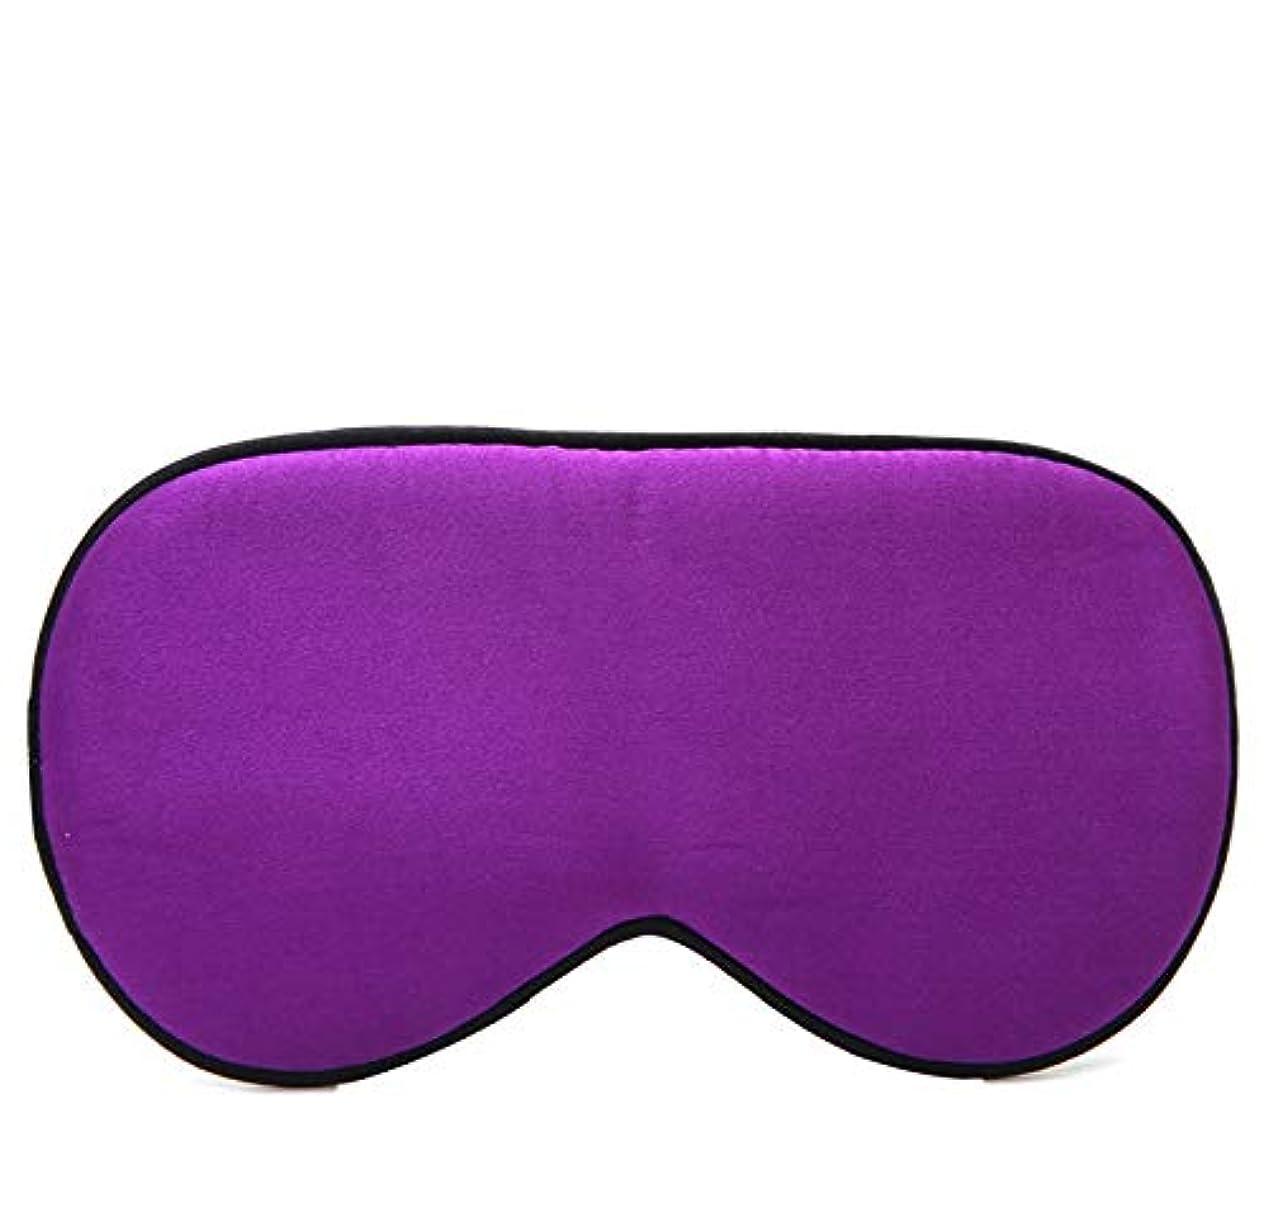 ペンス誕生晴れNOTE 3dソフト通気性ファブリックアイシェード睡眠アイマスクポータブル旅行睡眠休息補助アイマスクカバーアイパッチ睡眠マスク